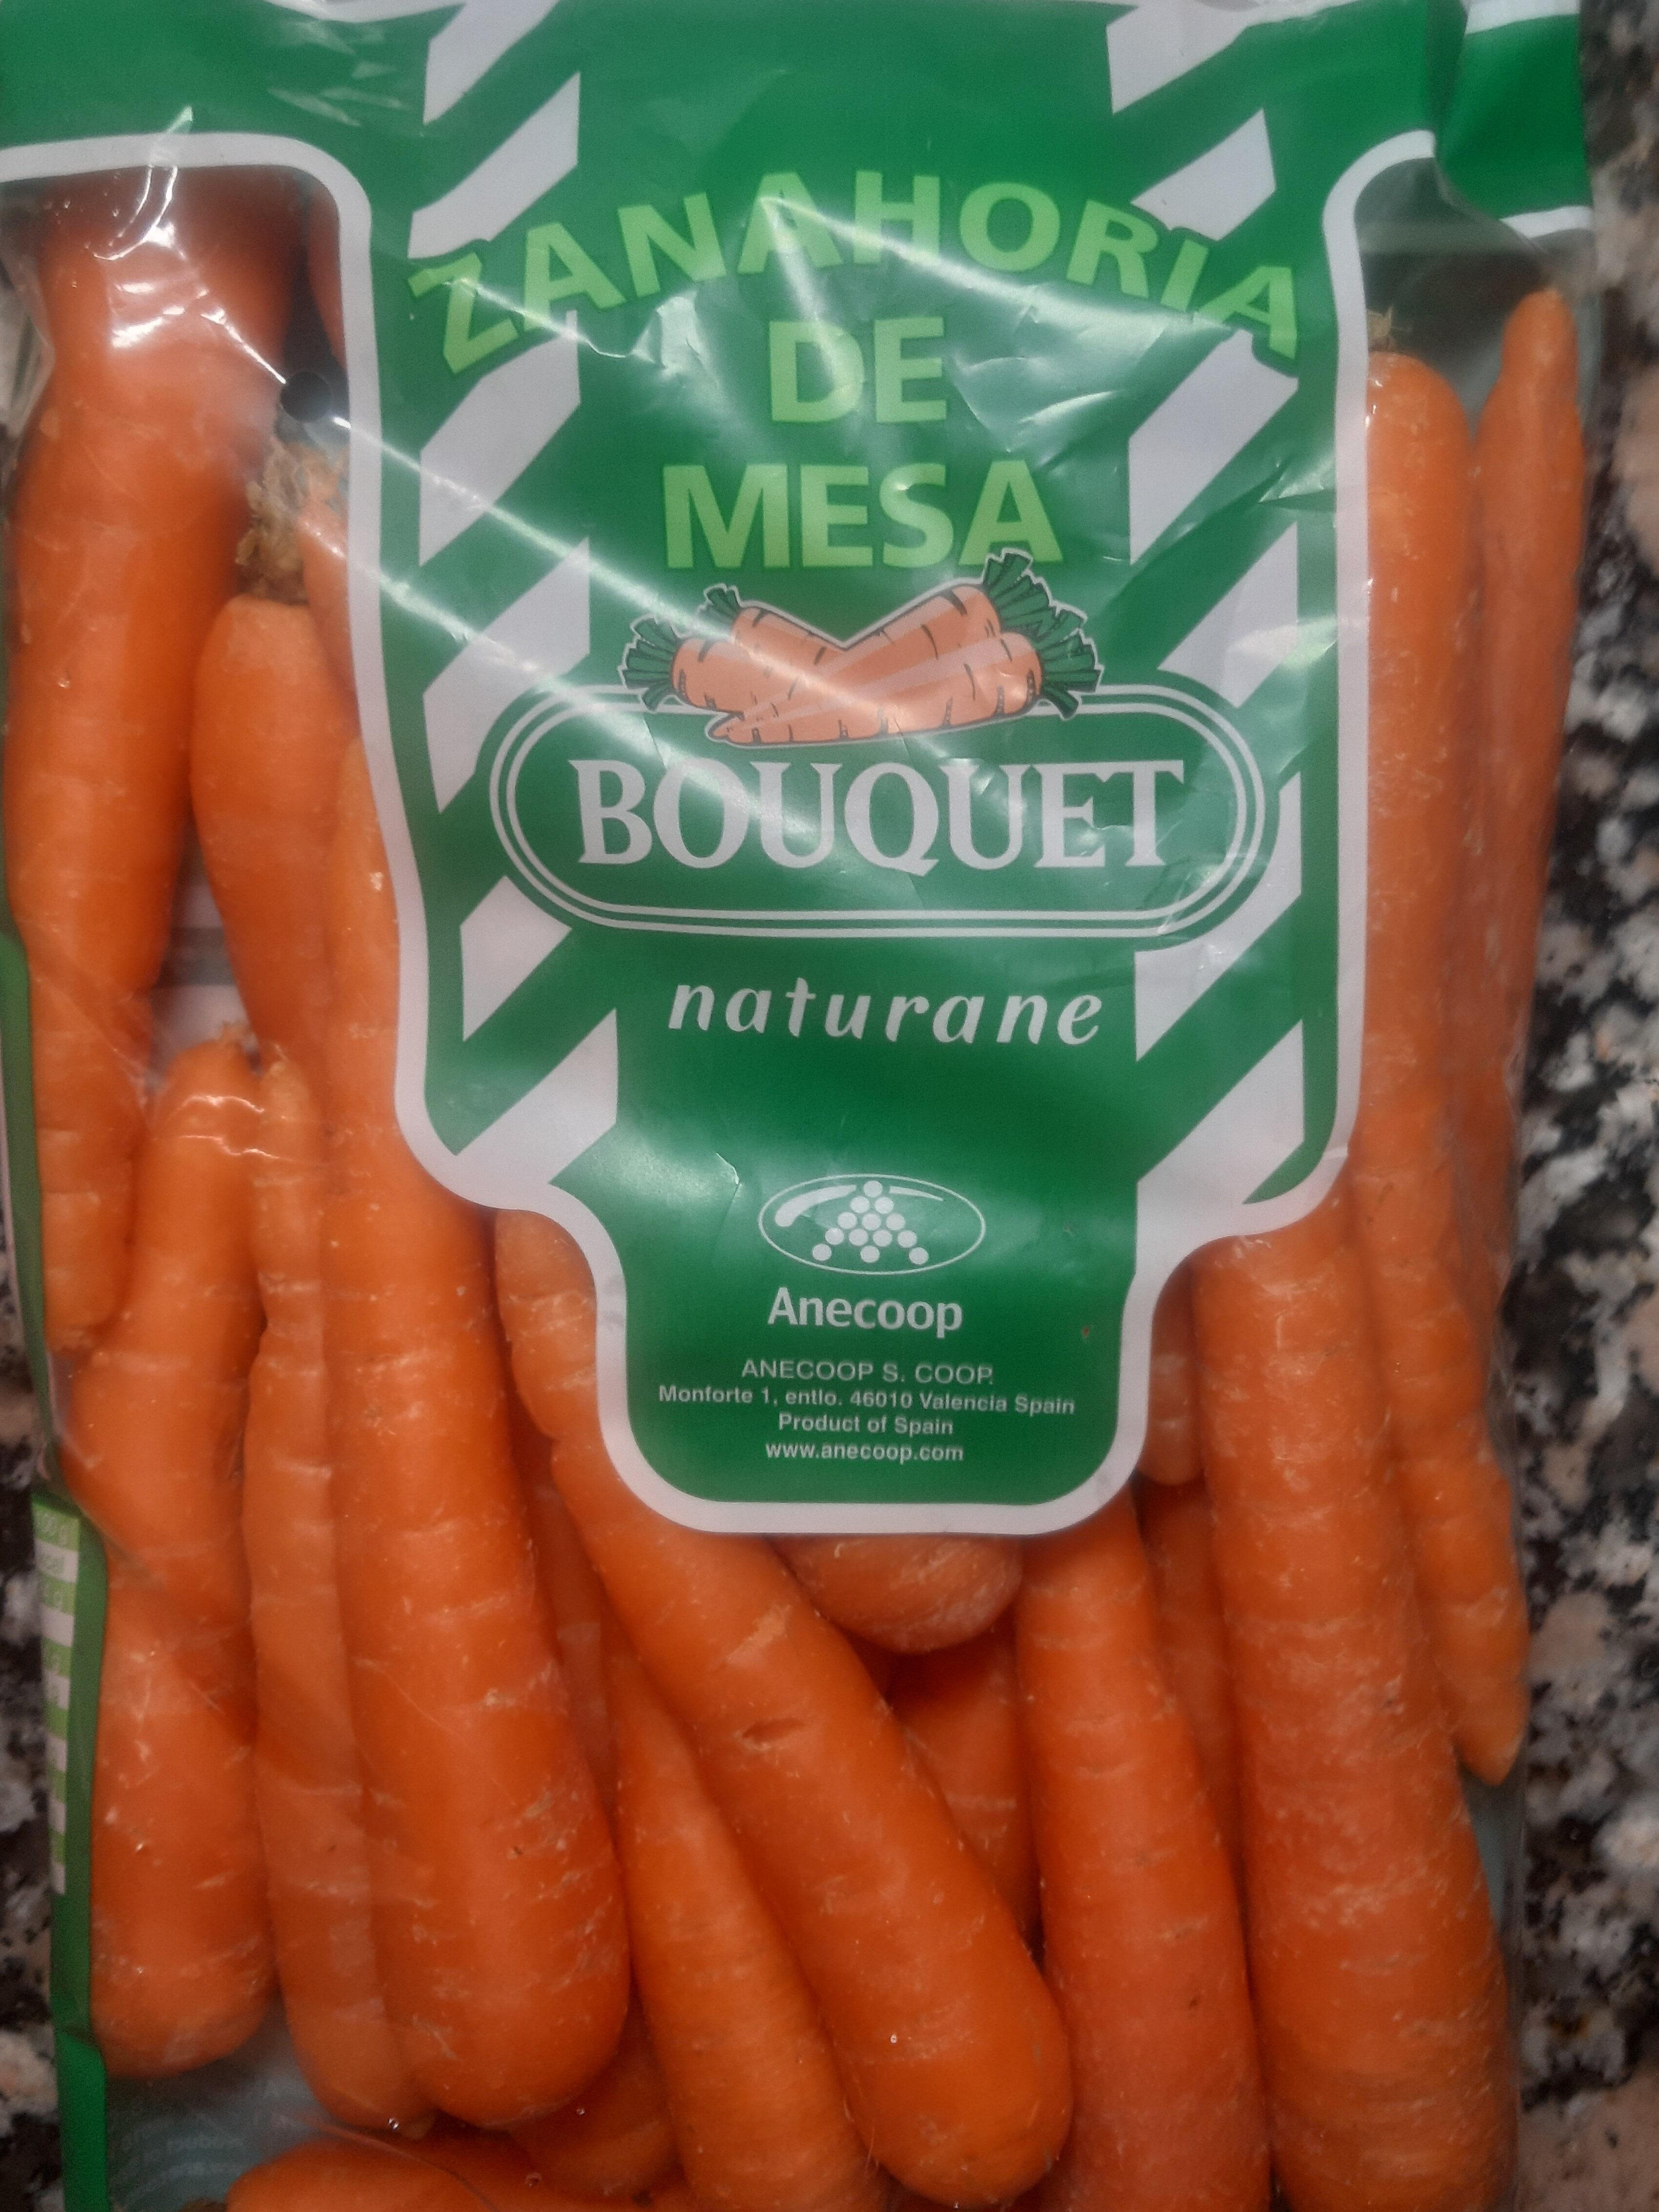 Fruteria Zanahoria . - Producto